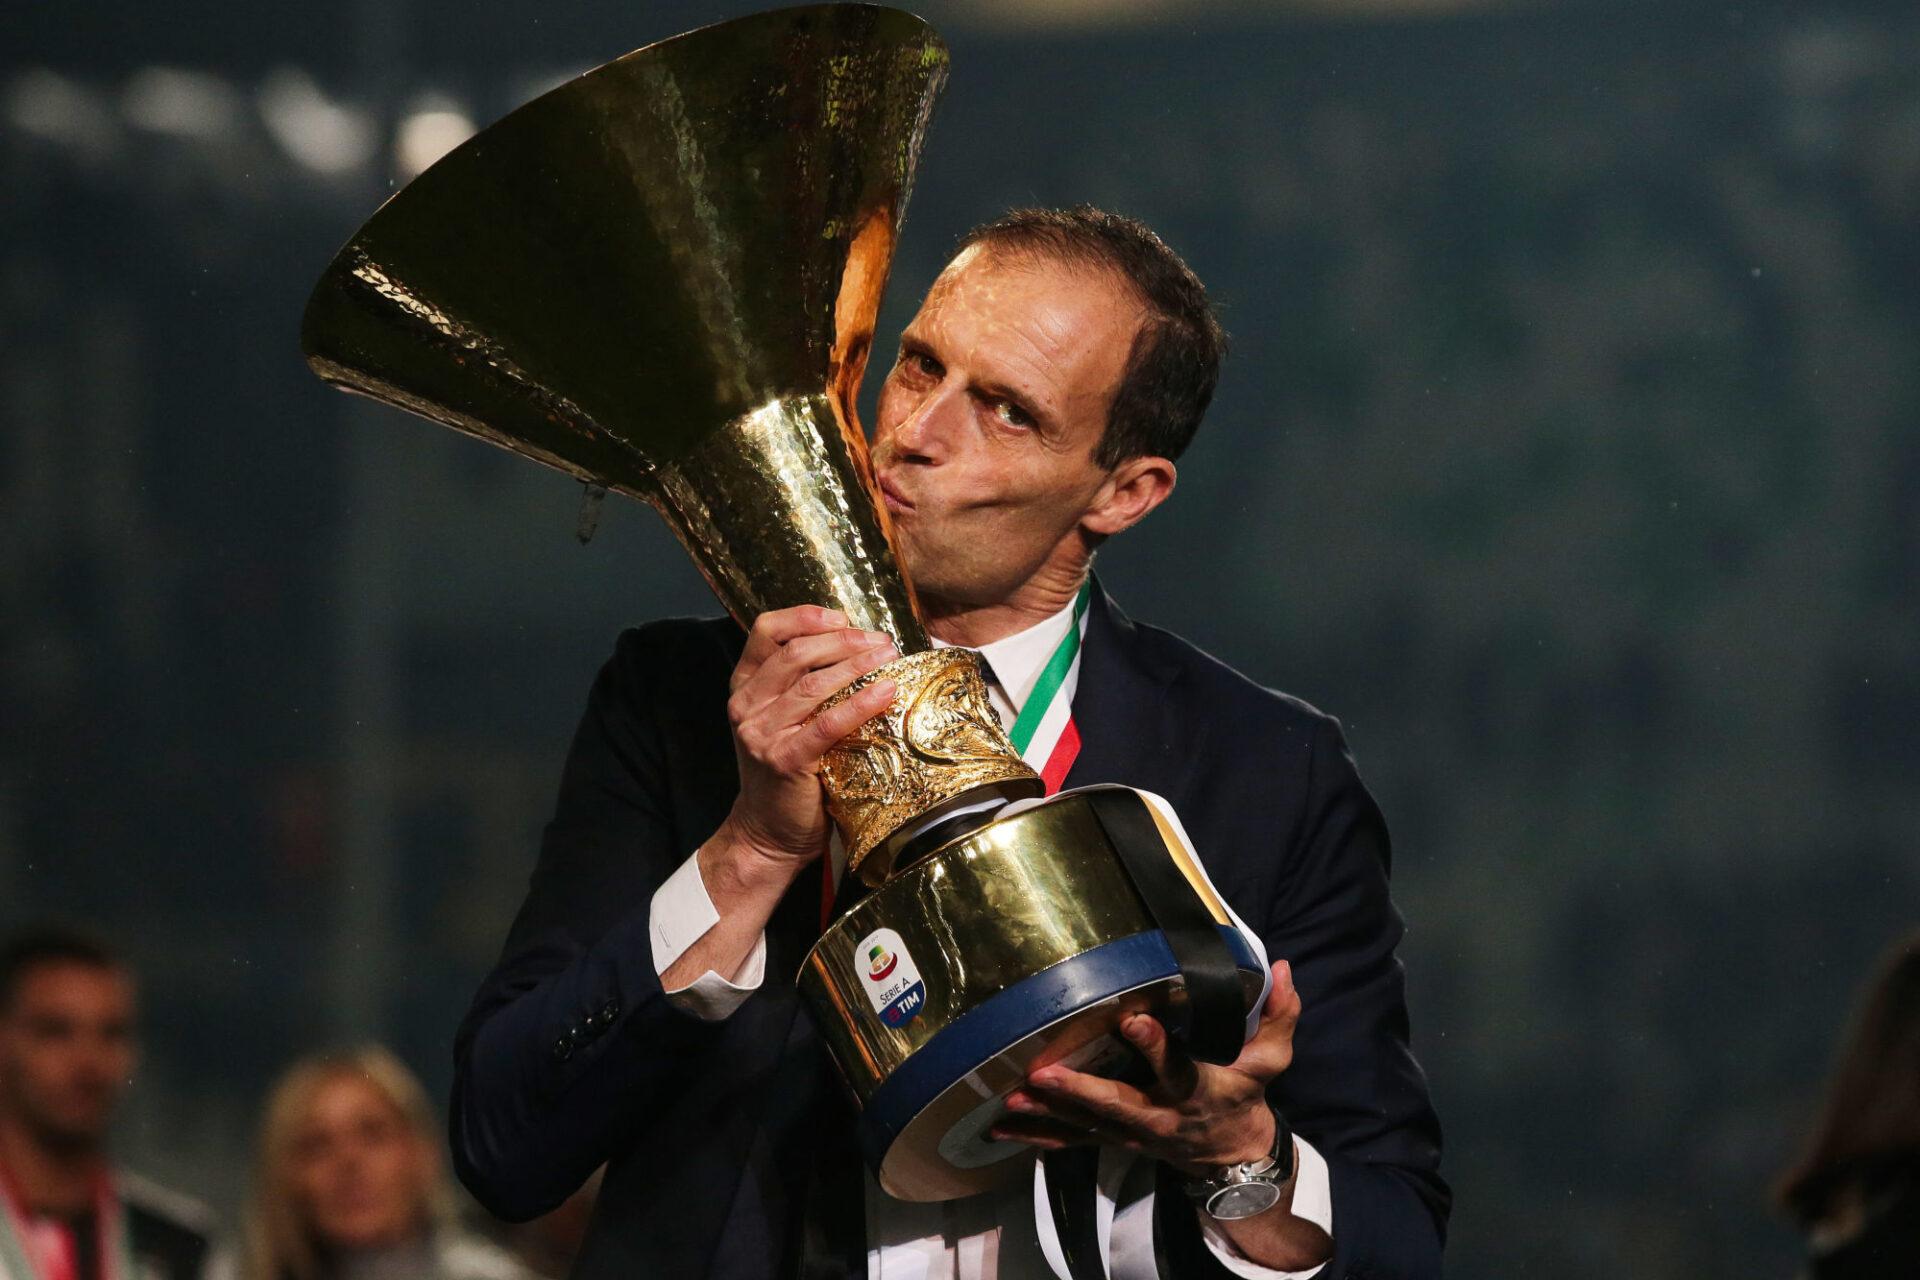 Massimiliano Allegri avait quitté la Juventus en 2019 sur un cinquième titre de champion consécutif en Serie A. Icon Sport